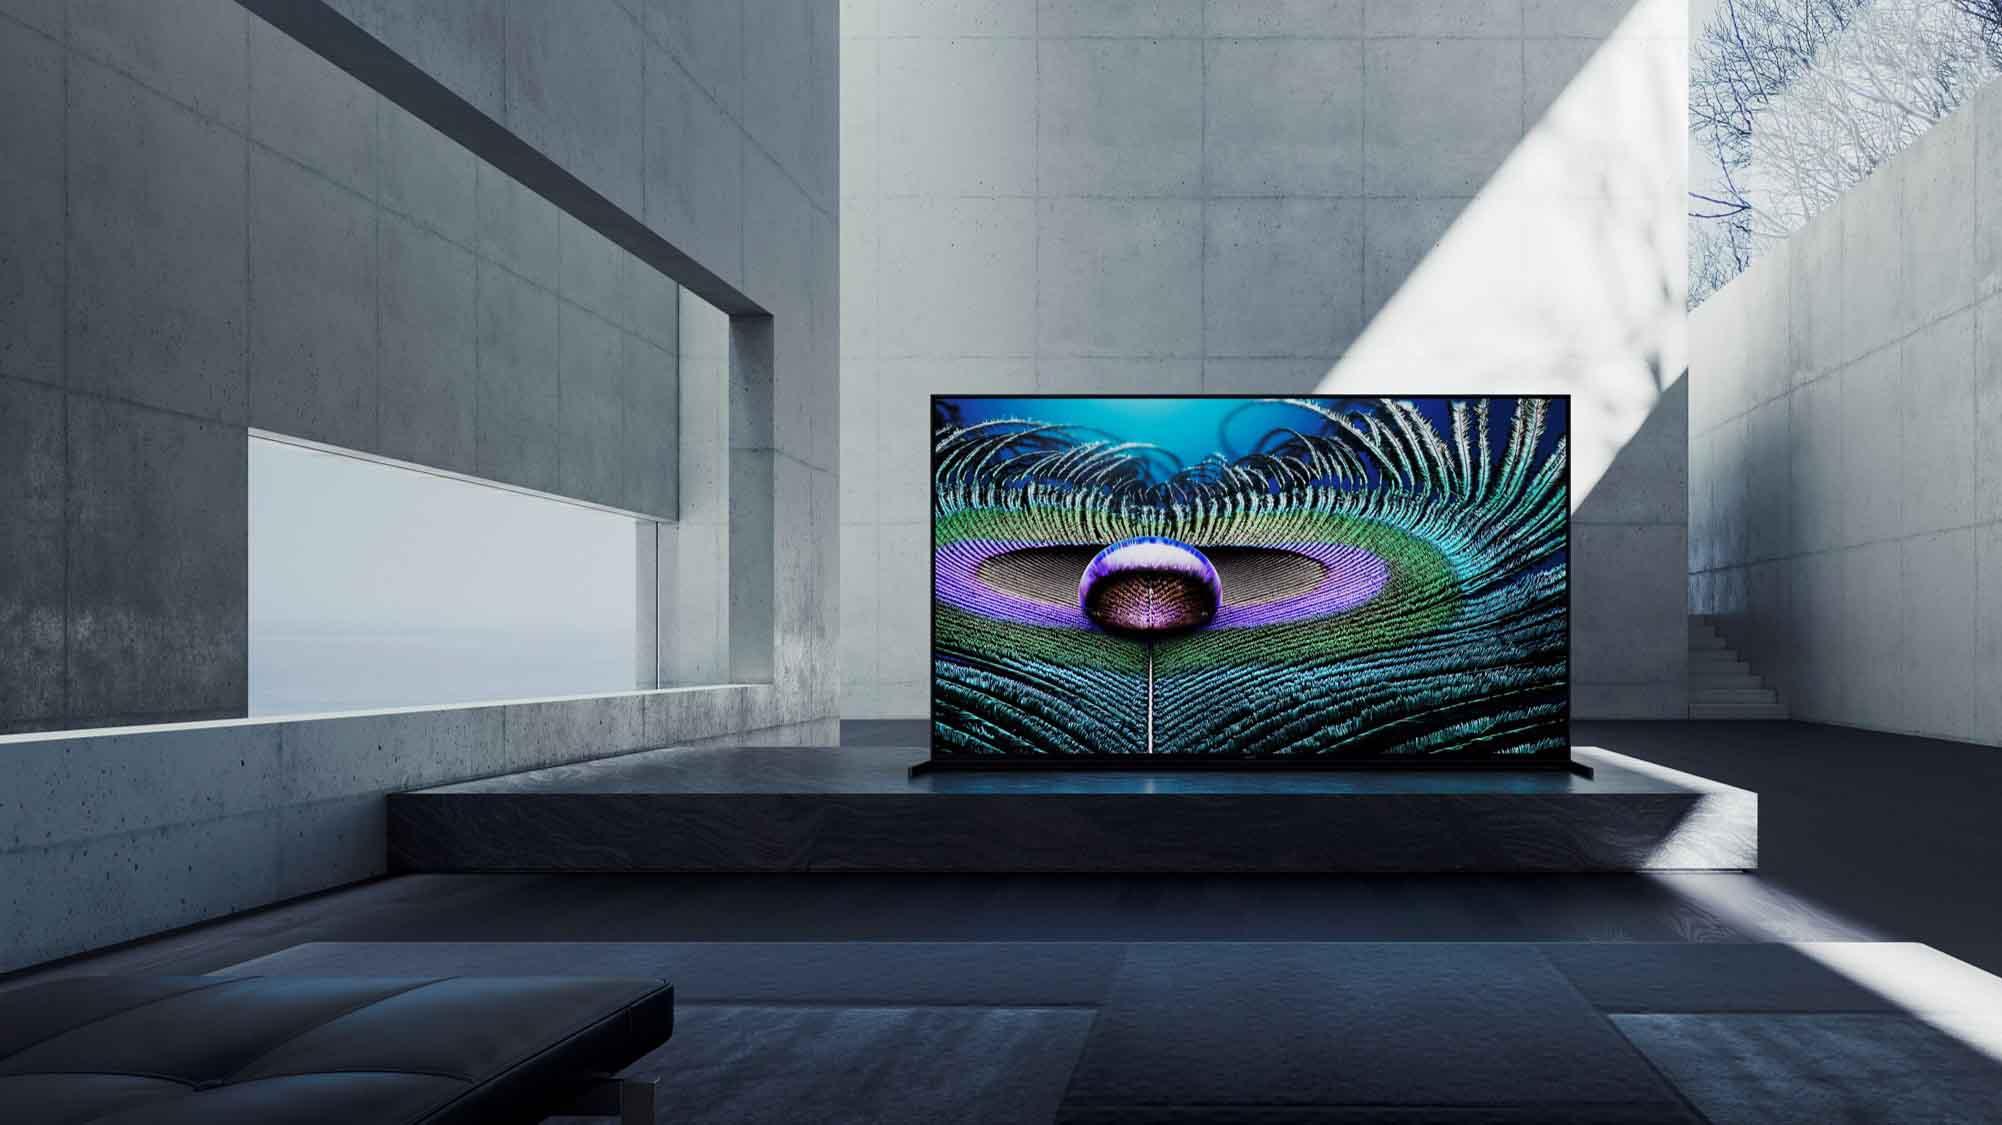 โซนี่ไทย ดีเดย์เปิดจอง BRAVIA XR 8K LED รุ่นใหม่ พร้อมทีวี BRAVIA XR OLED รุ่นล่าสุด เริ่ม 28 มิ.ย. ศกนี้